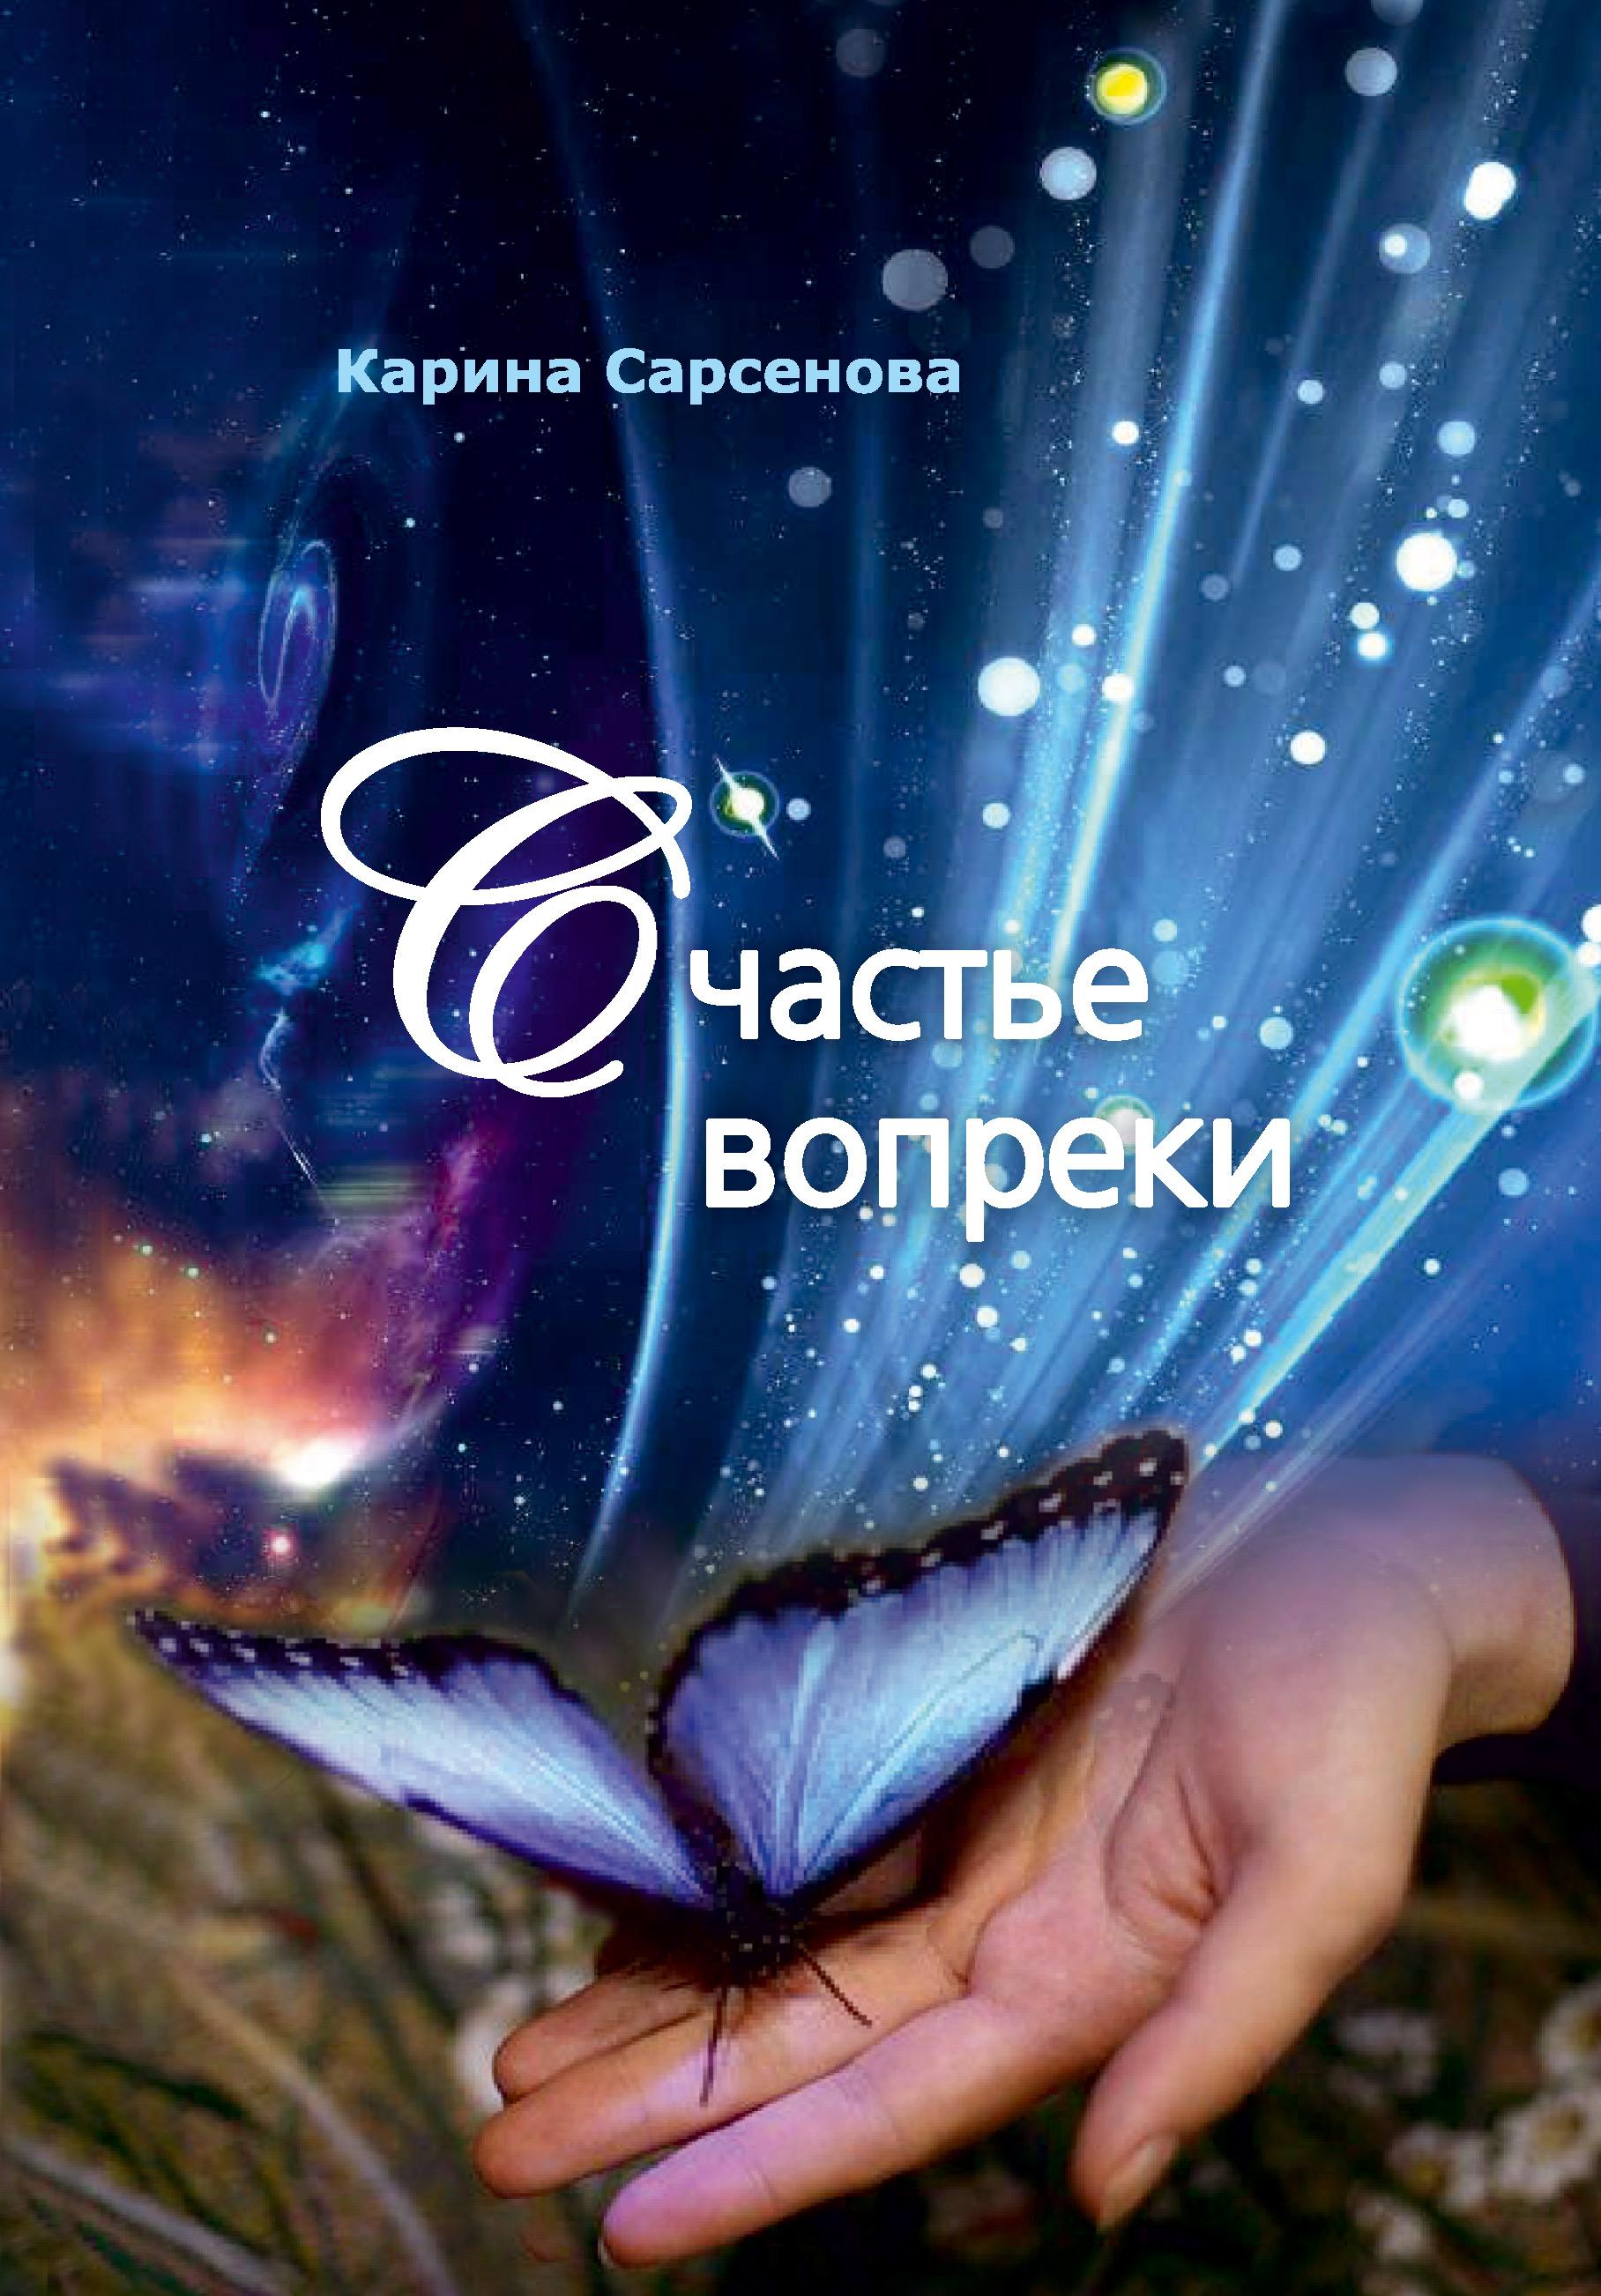 Карина Сарсенова Счастье вопреки